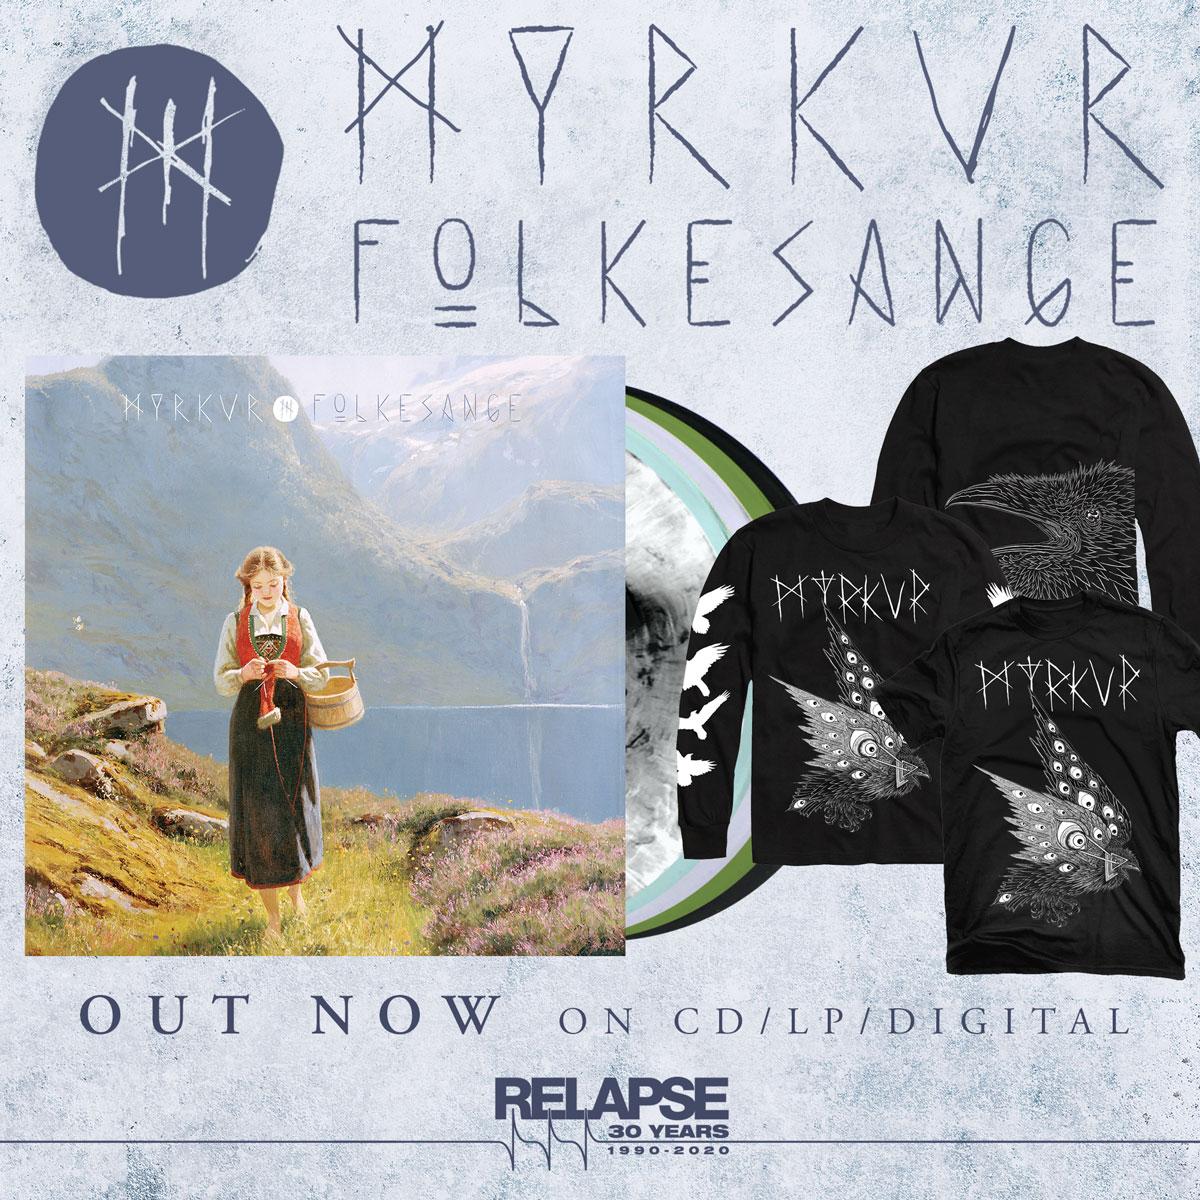 Myrkur-Folkesange-Folk-Nordic-Traditional-Music-Relapse